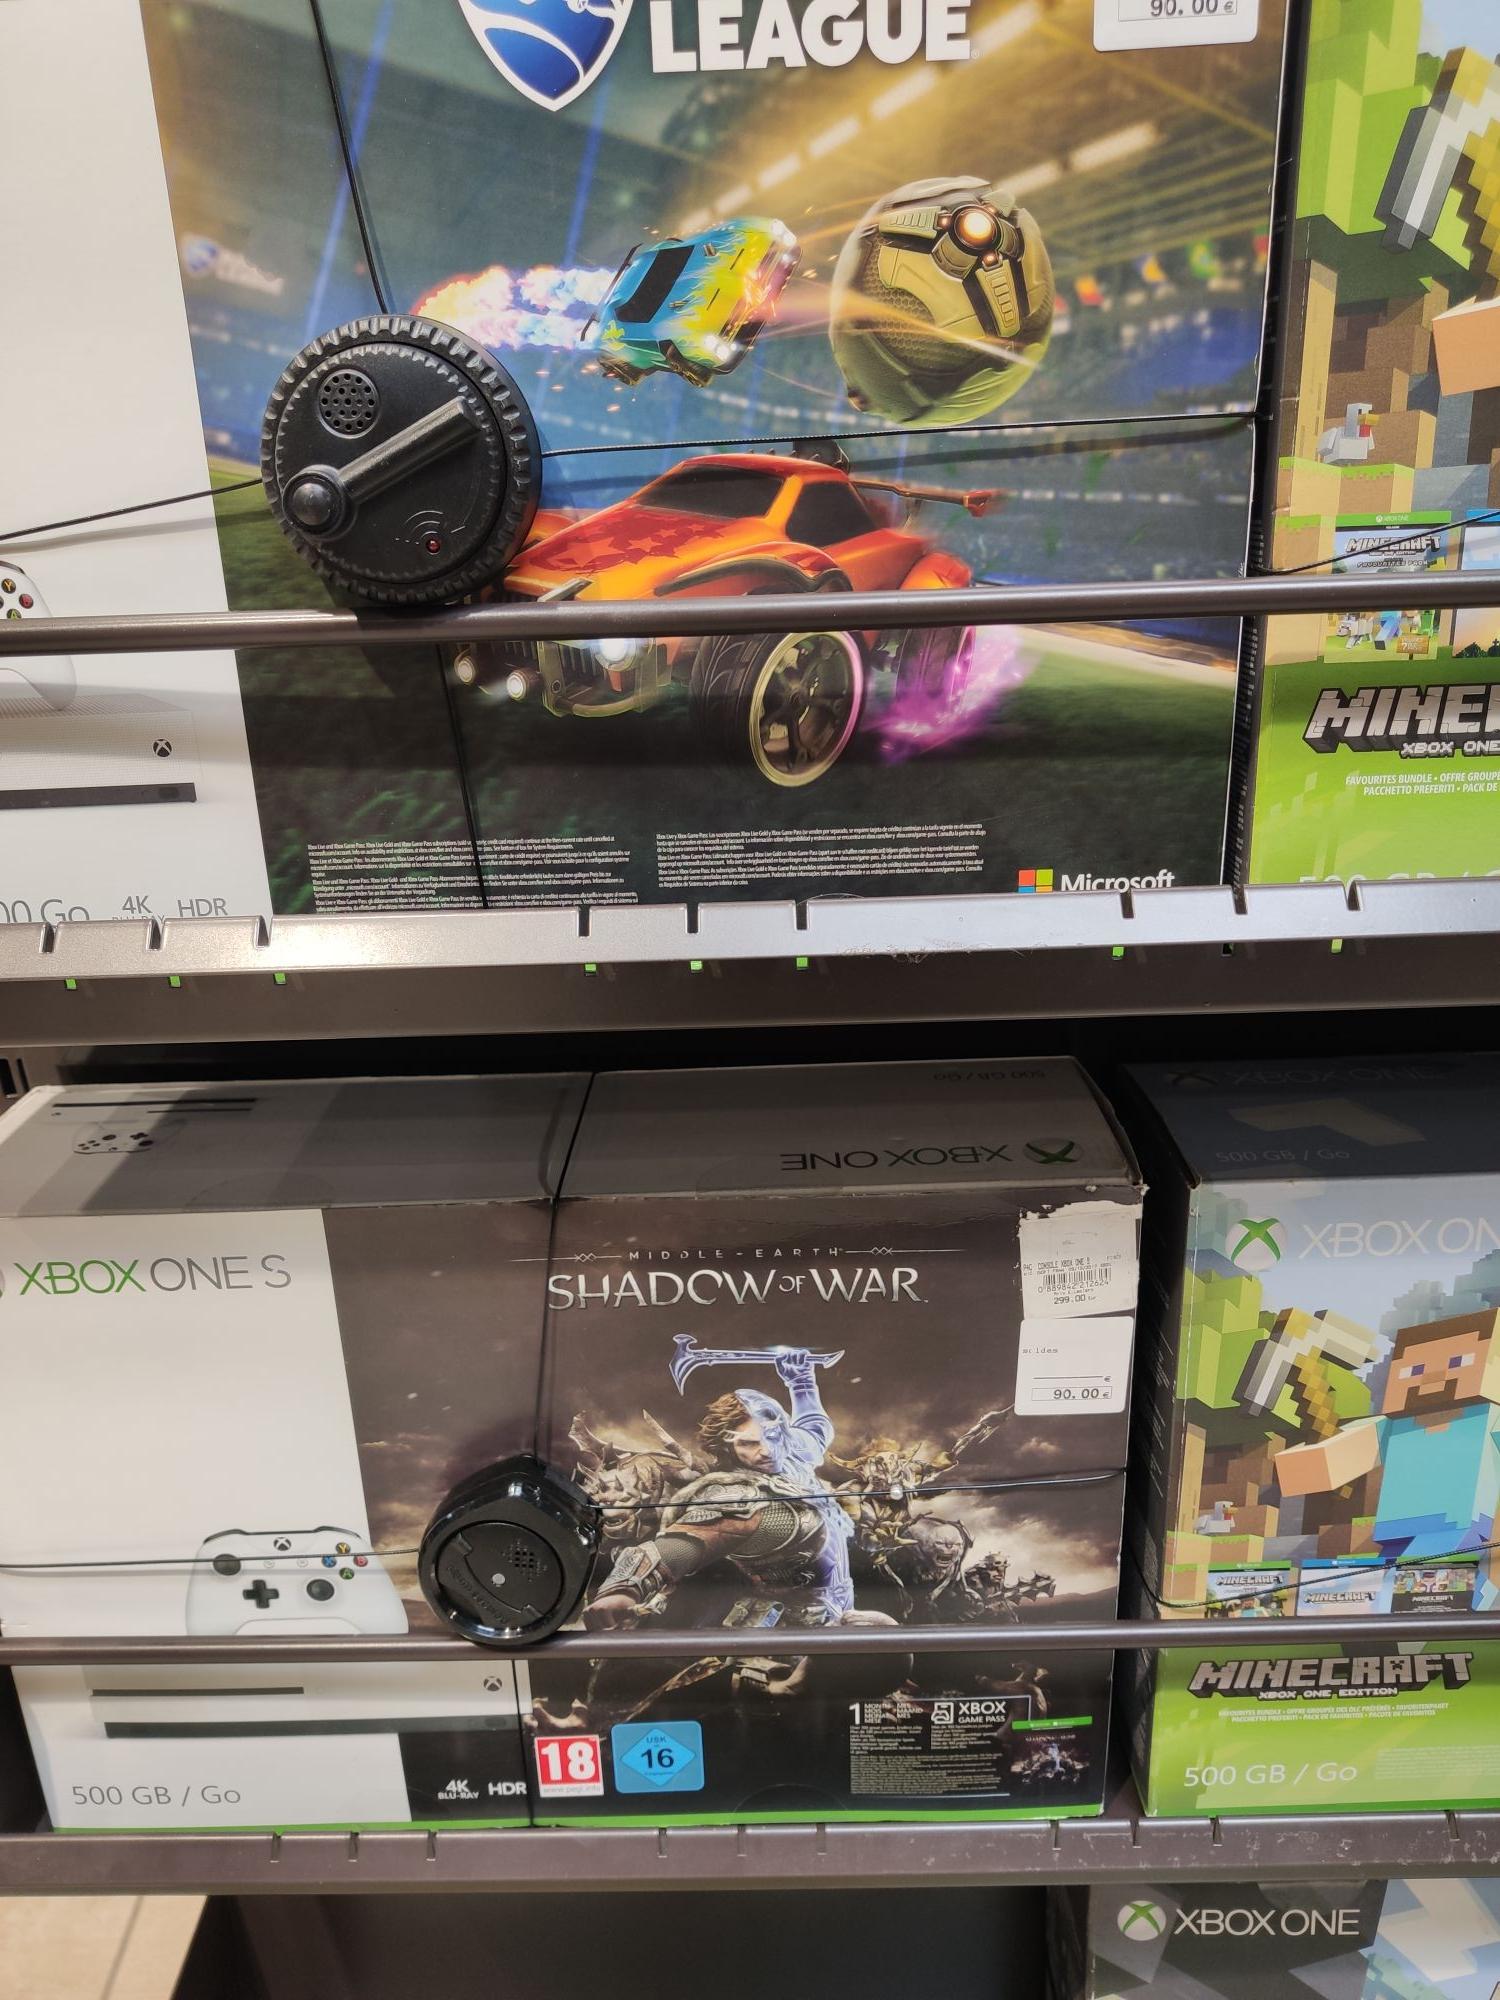 Sélection de Packs Consoles Microsoft Xbox One S (500 Go) à 90€ - Ex : Minecraft - Gap (05)